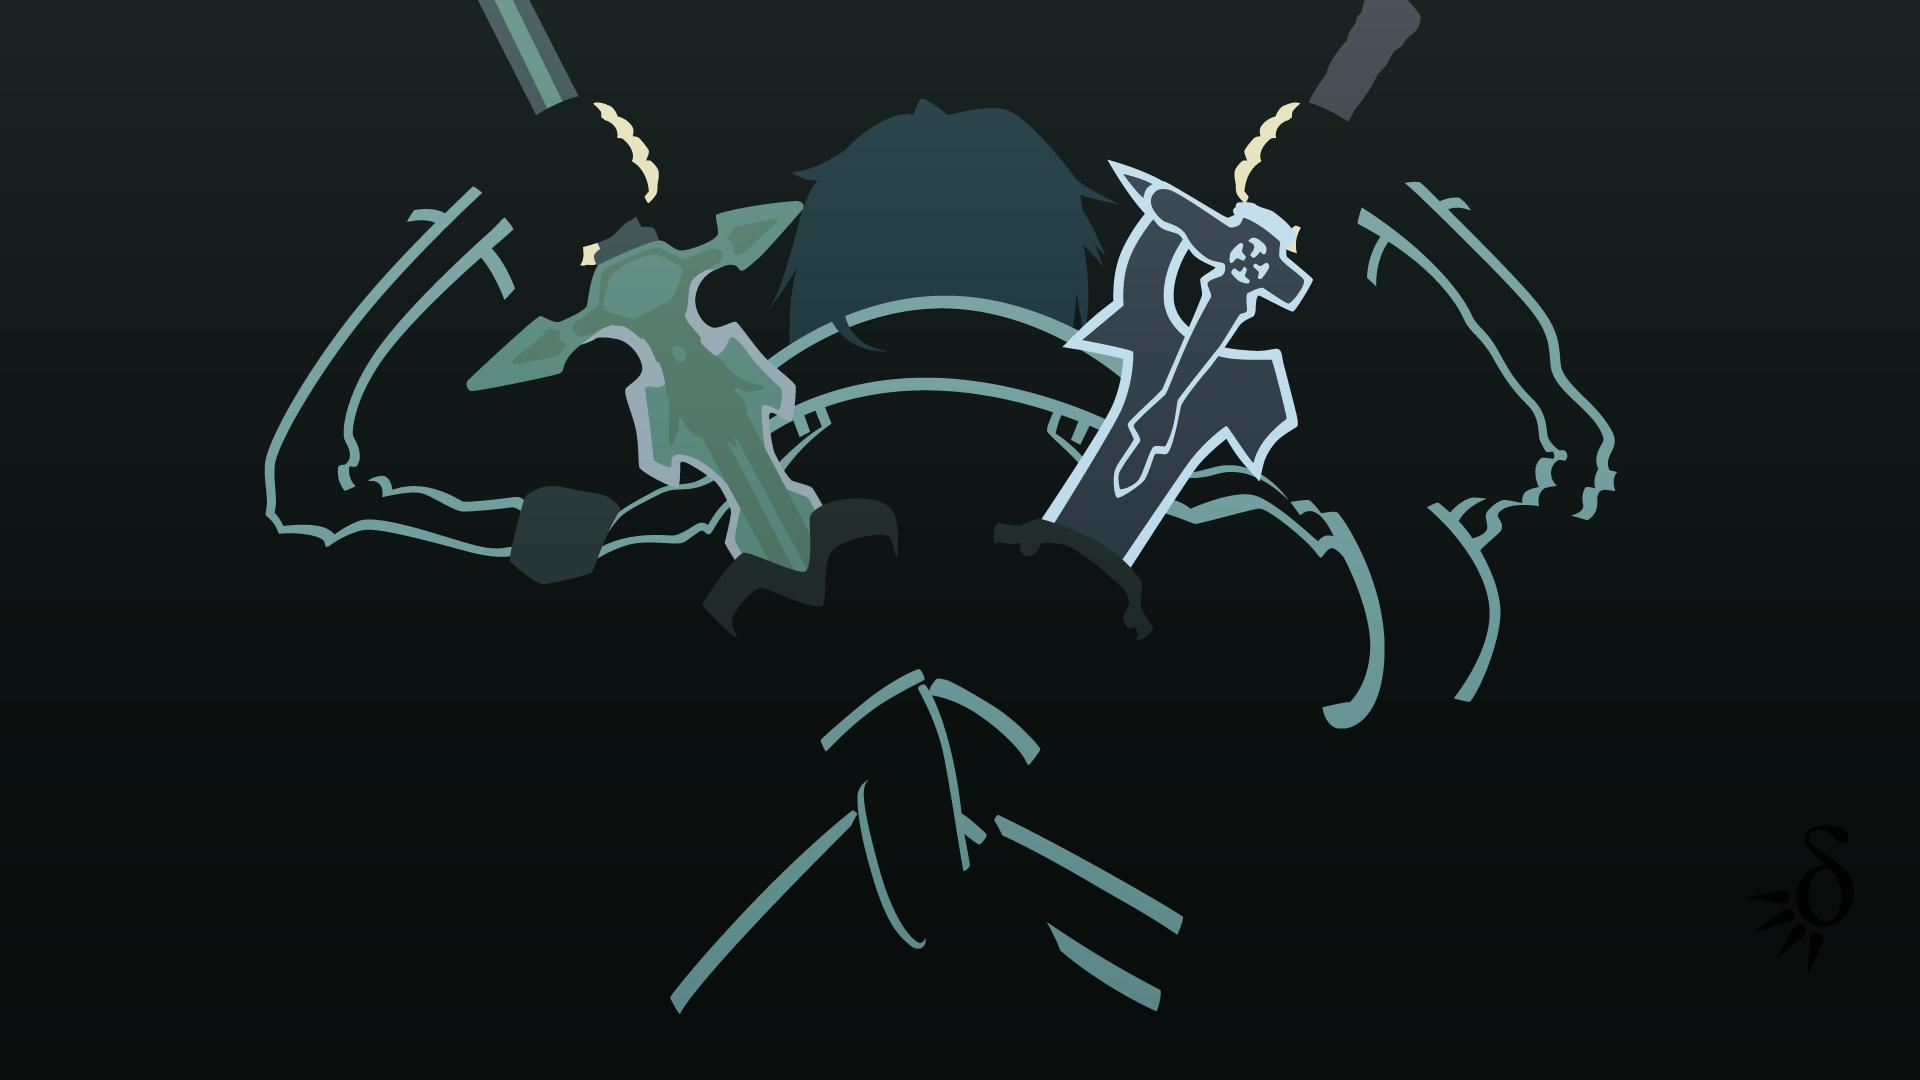 Pin by isabel on sword art online pinterest sword art for Minimal art online